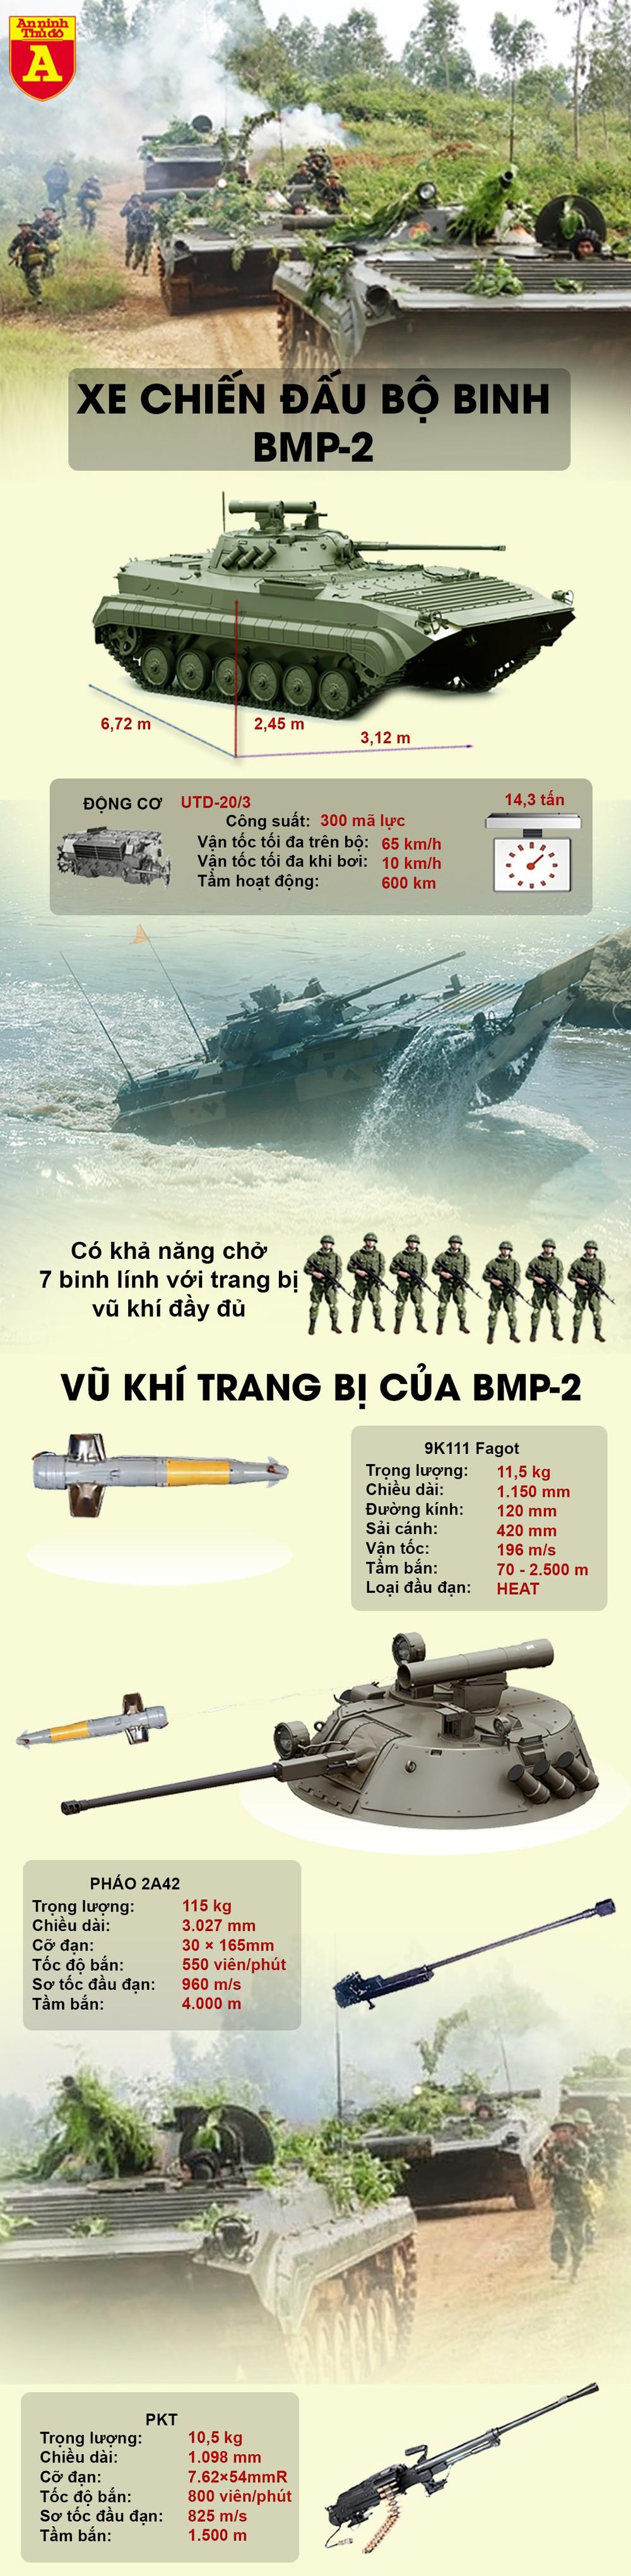 [Info] Khám phá xe chiến đấu bộ binh vừa chính thức lộ diện của Việt Nam ảnh 3